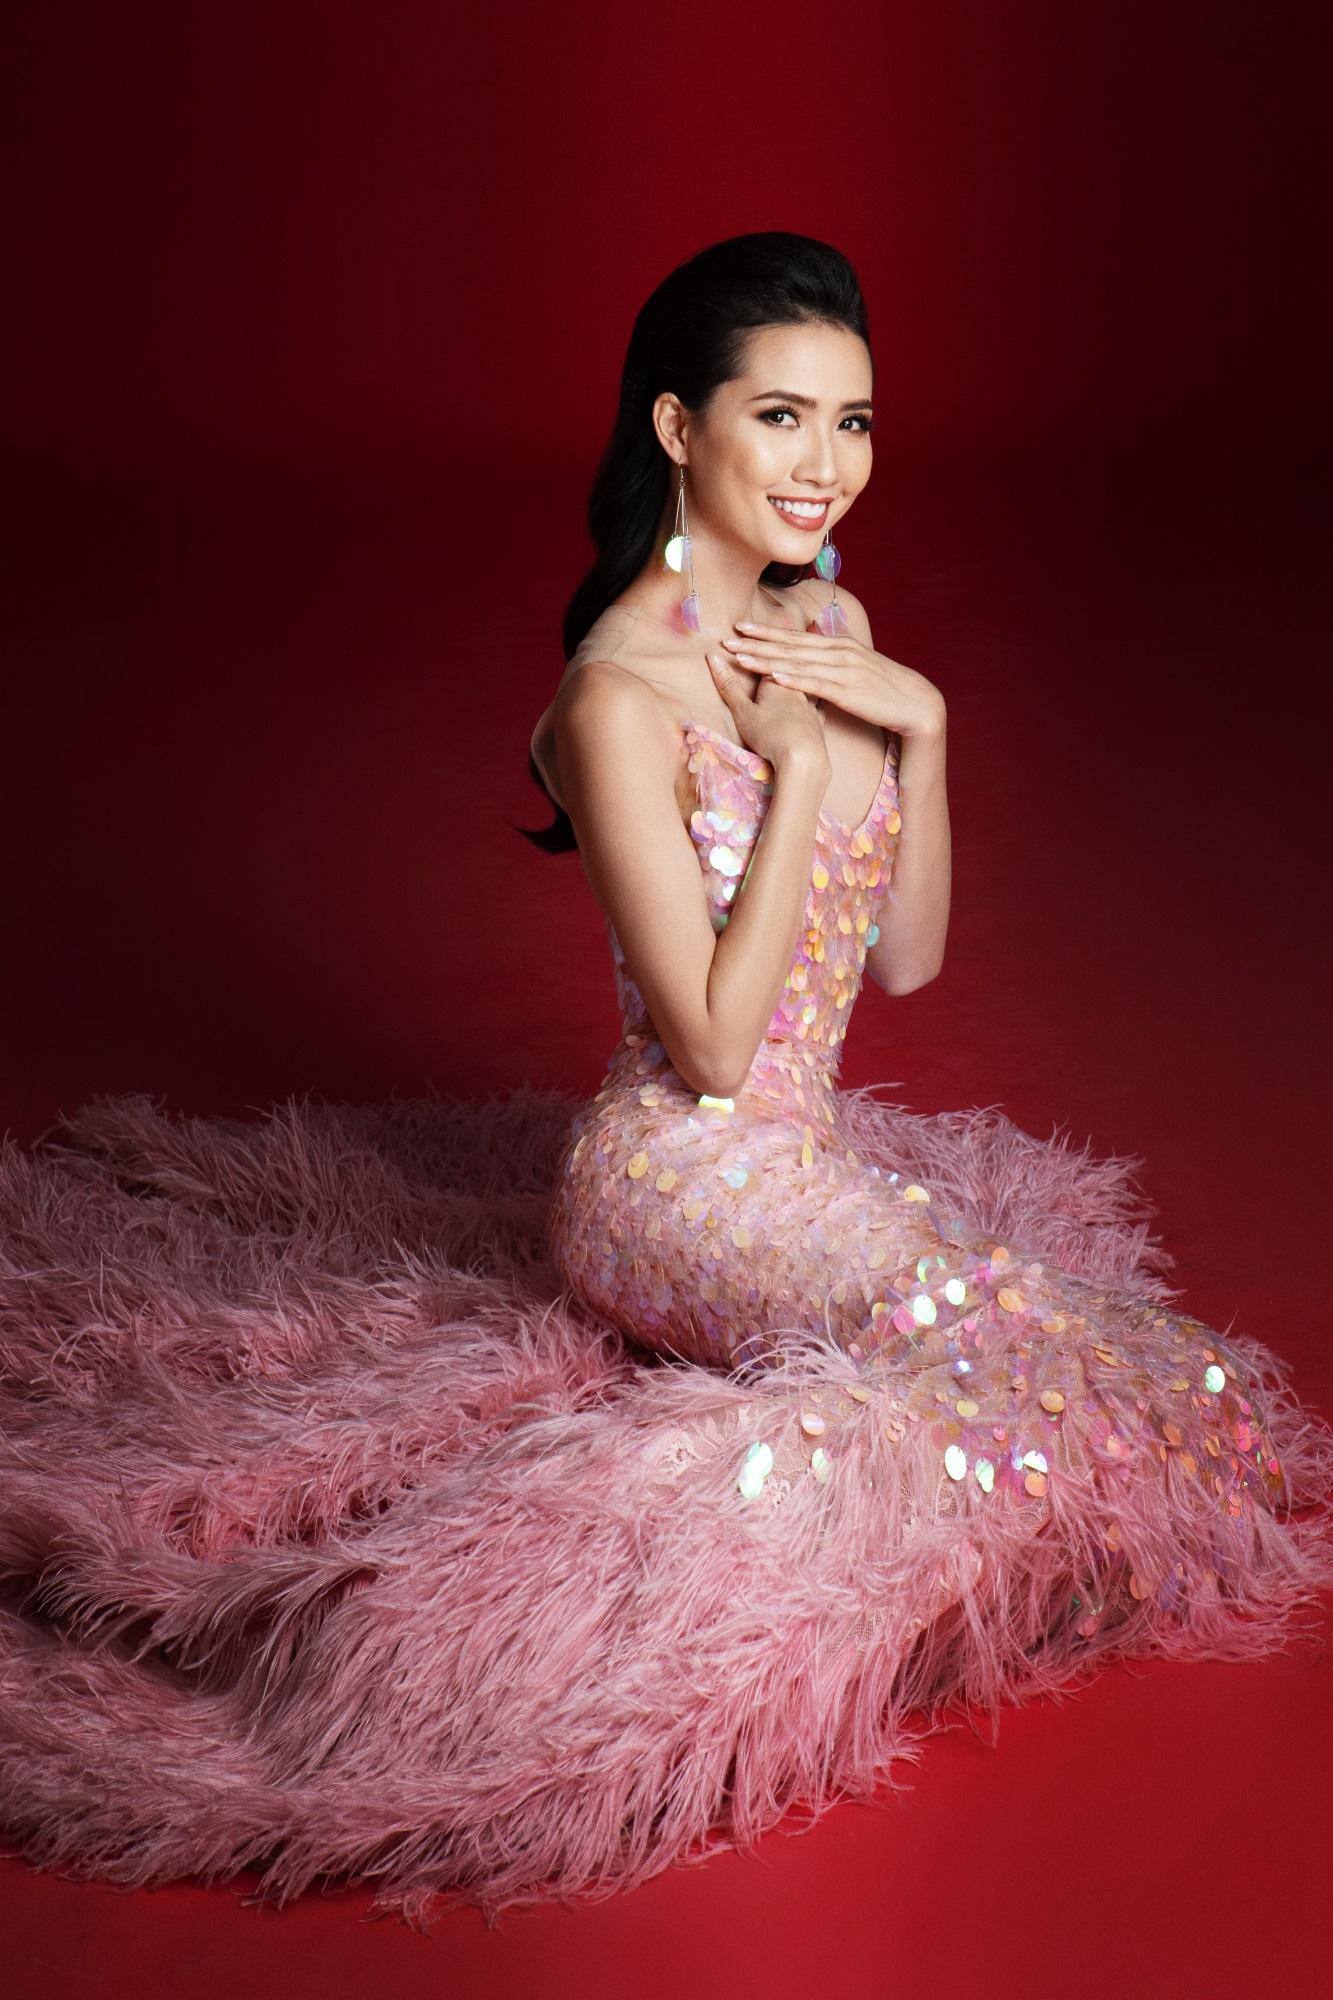 Phan Thị Mơ dẫn đầu bình chọn Nữ diễn viên truyền hình xuất sắc nhất Mai Vàng 2018 - Ảnh 11